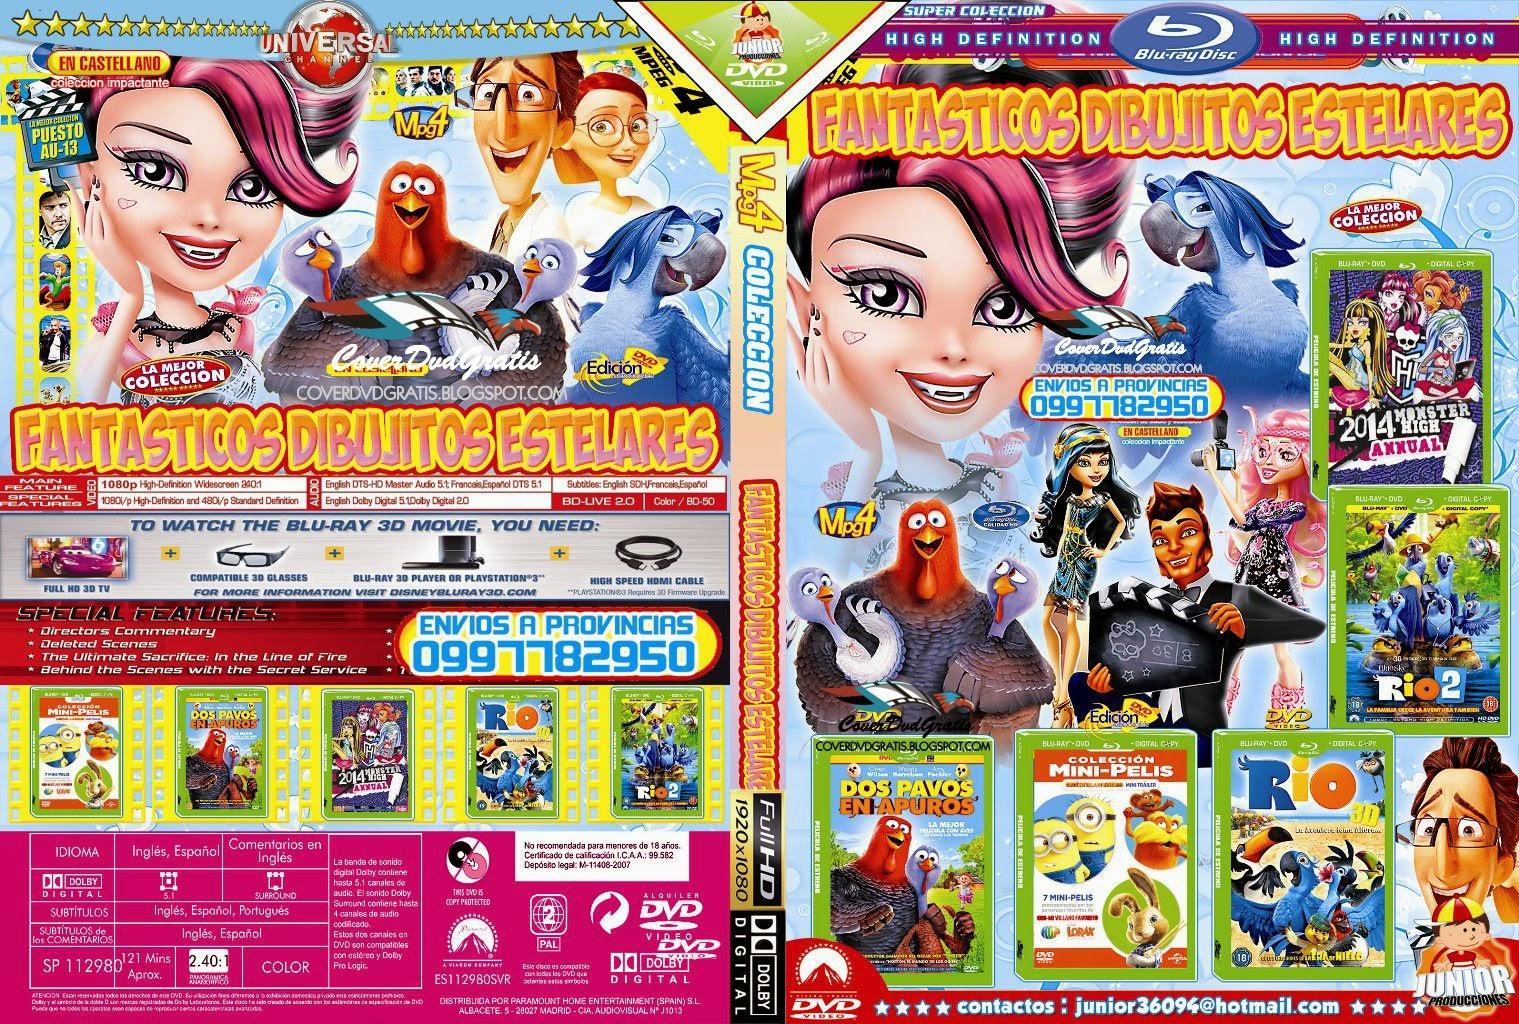 fantasticos dibujitos estelares dvd cover pack  💲🥇